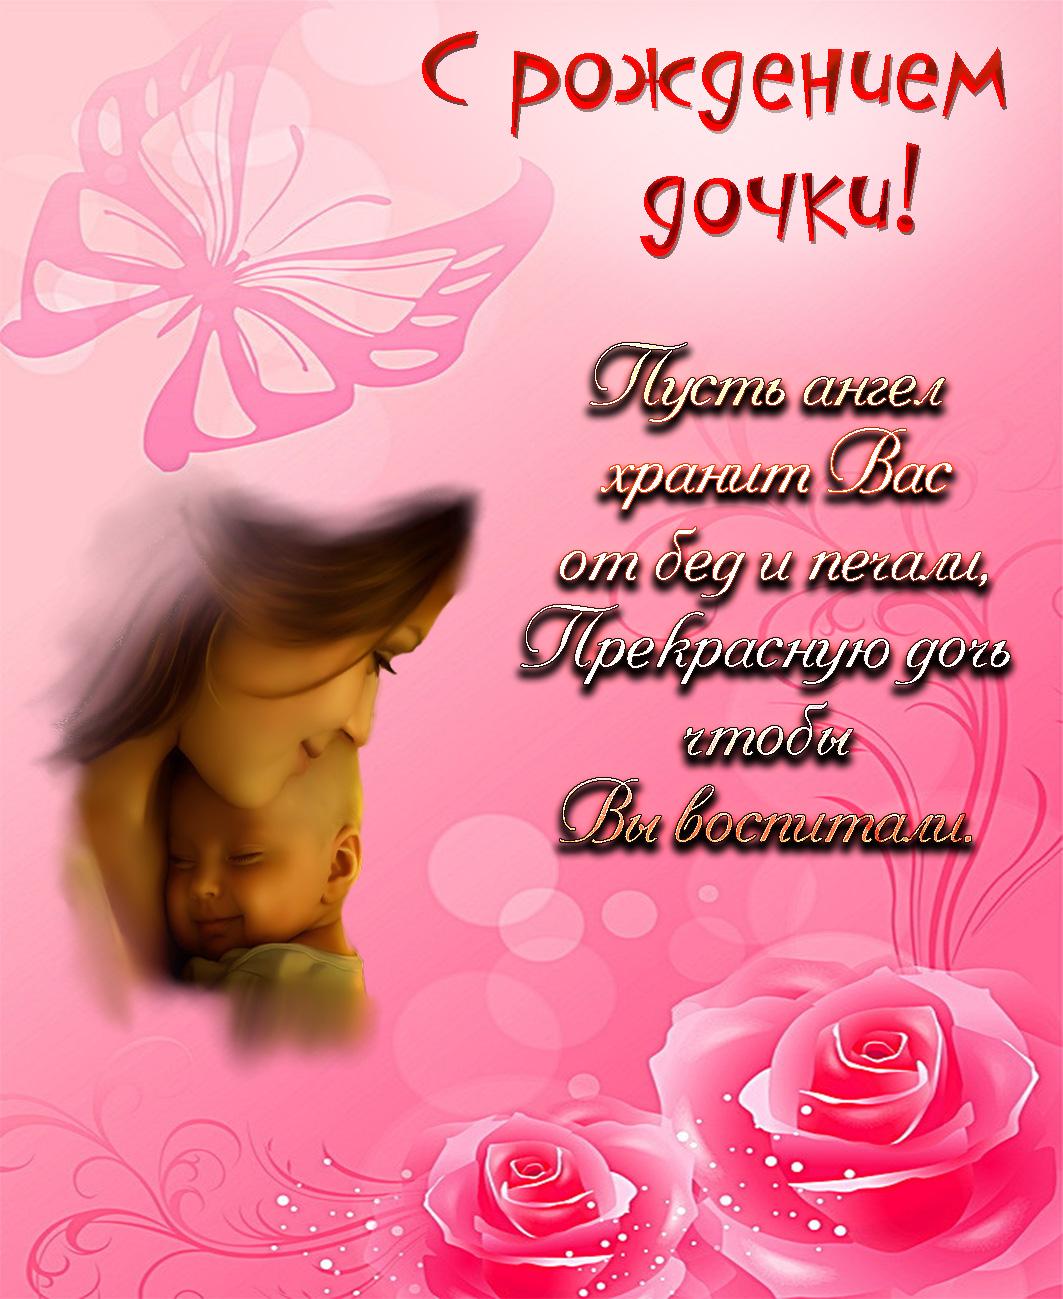 Красивая открытка к рождению дочери